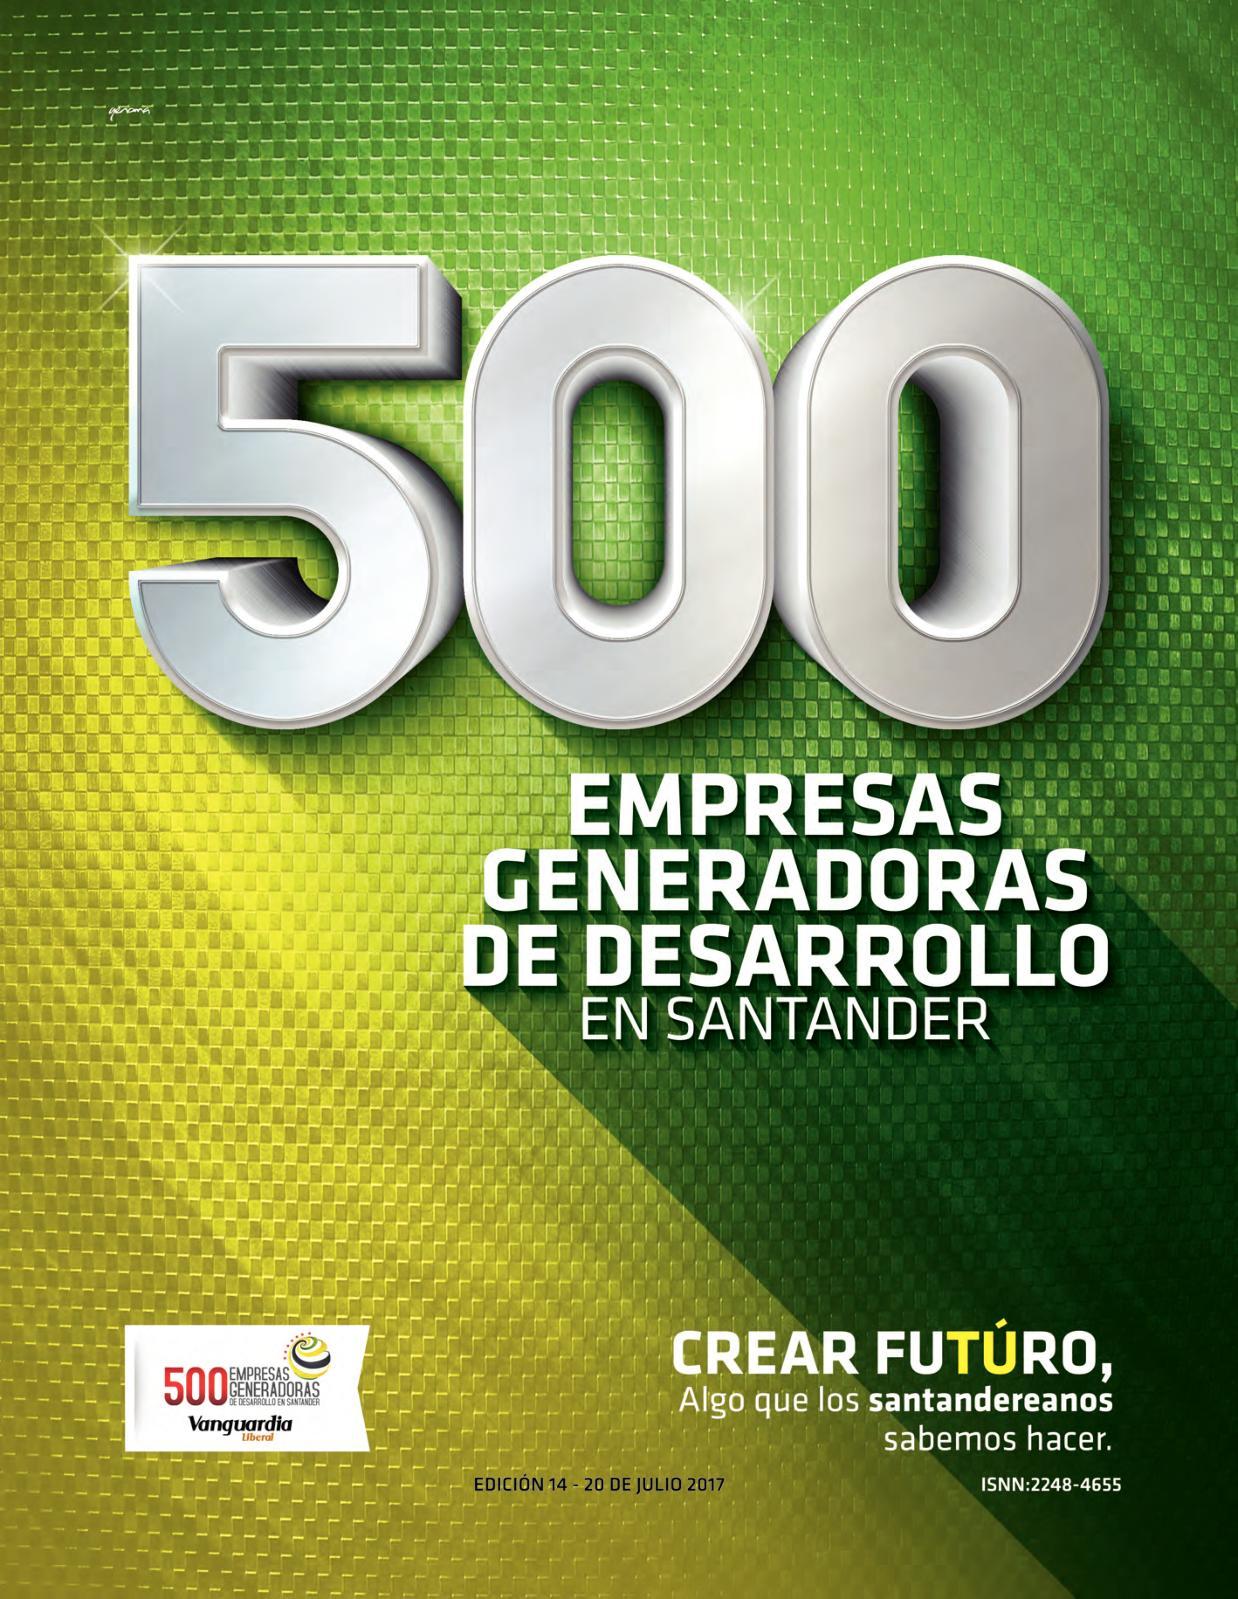 b241232f Calaméo - 500 empresas generadoras de desarrollo en Santander - 2017